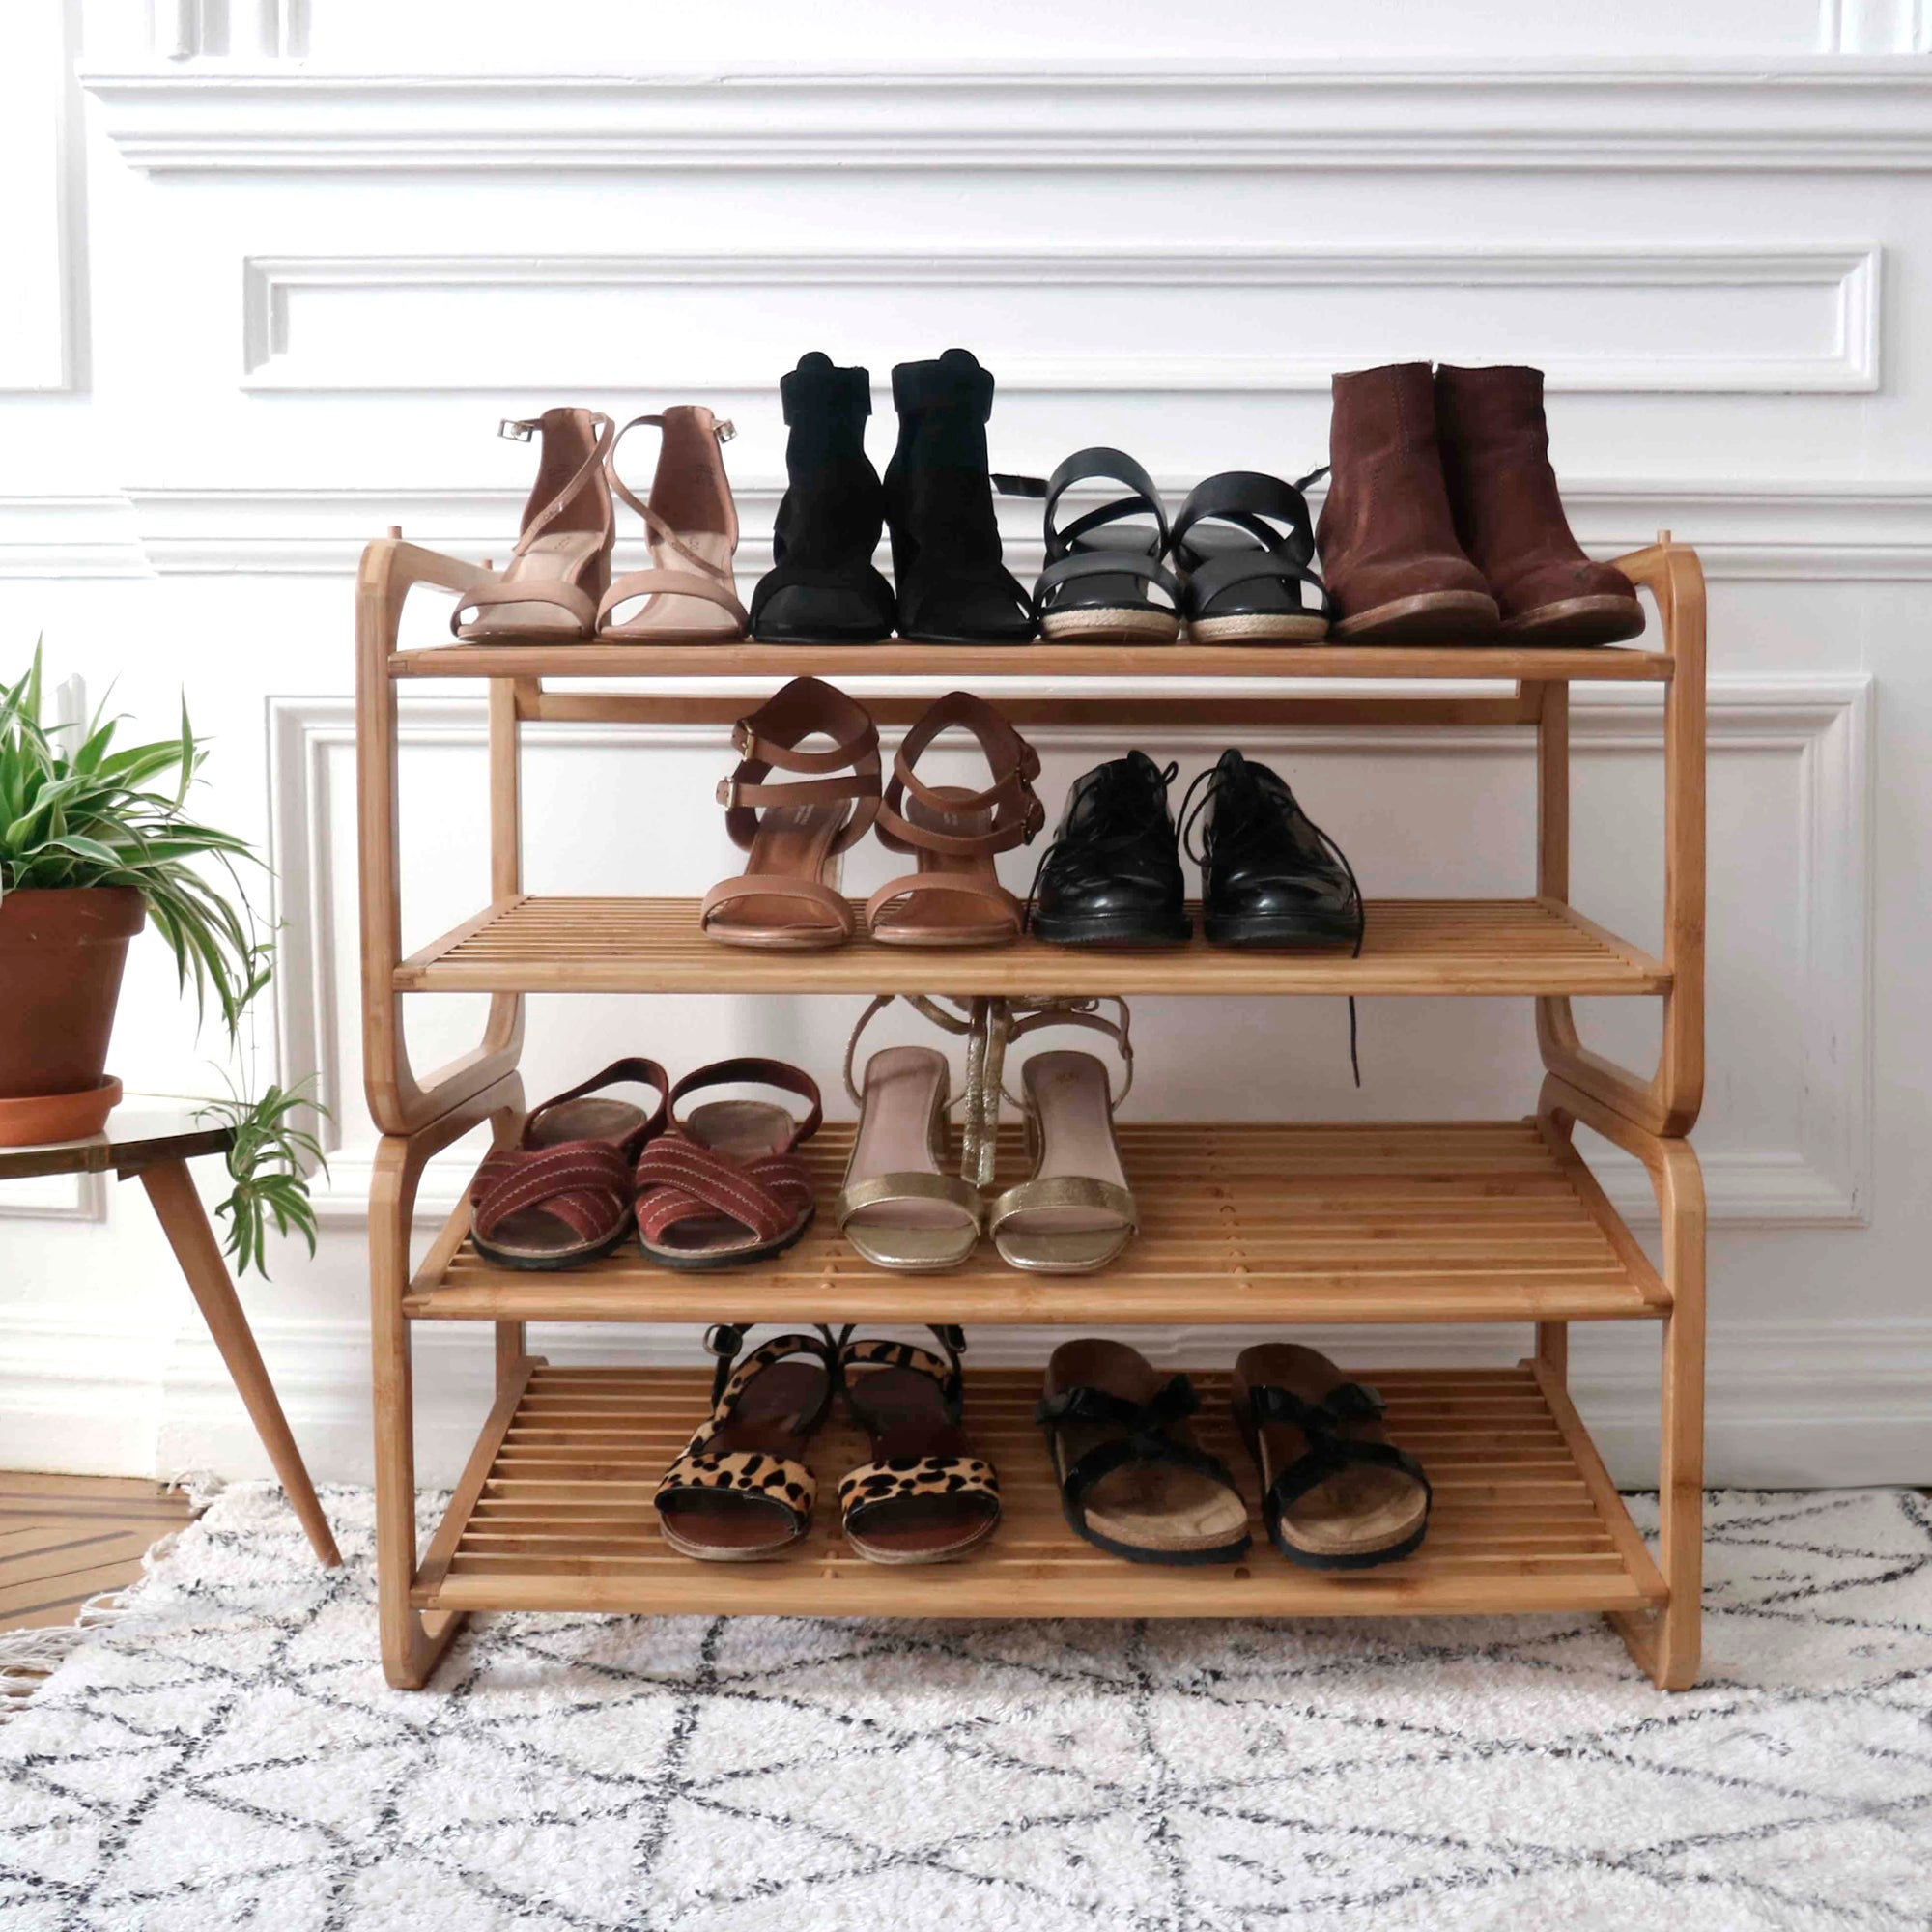 Range Chaussures A Poser Marron 12 Paires Maximum H 34 X L 75 Cm Leroy Merlin